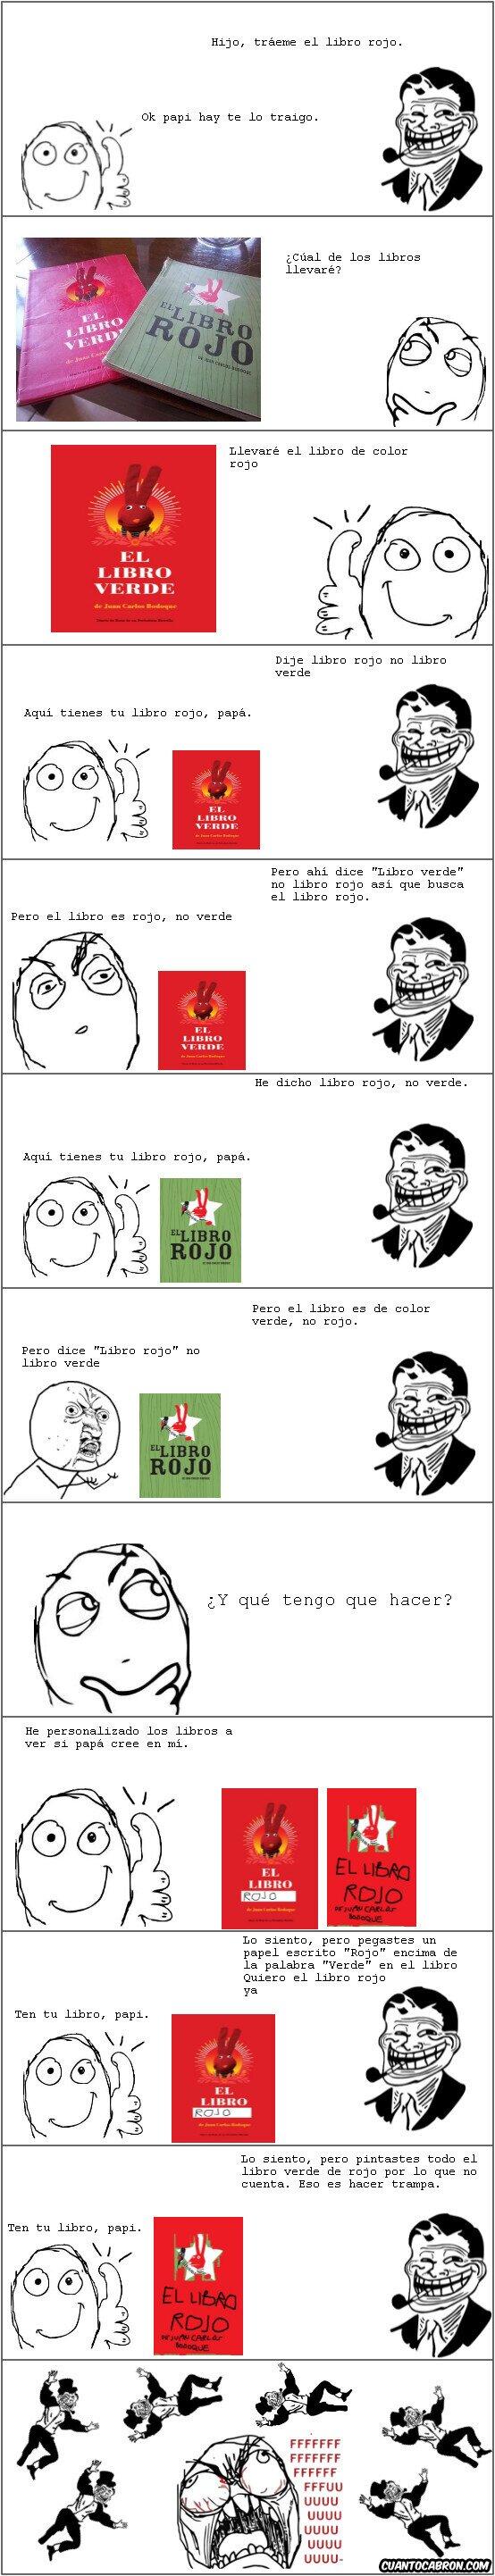 Ffffuuuuuuuuuu - Lo que puede pasar cuando quieres darle el libro rojo a tu papá